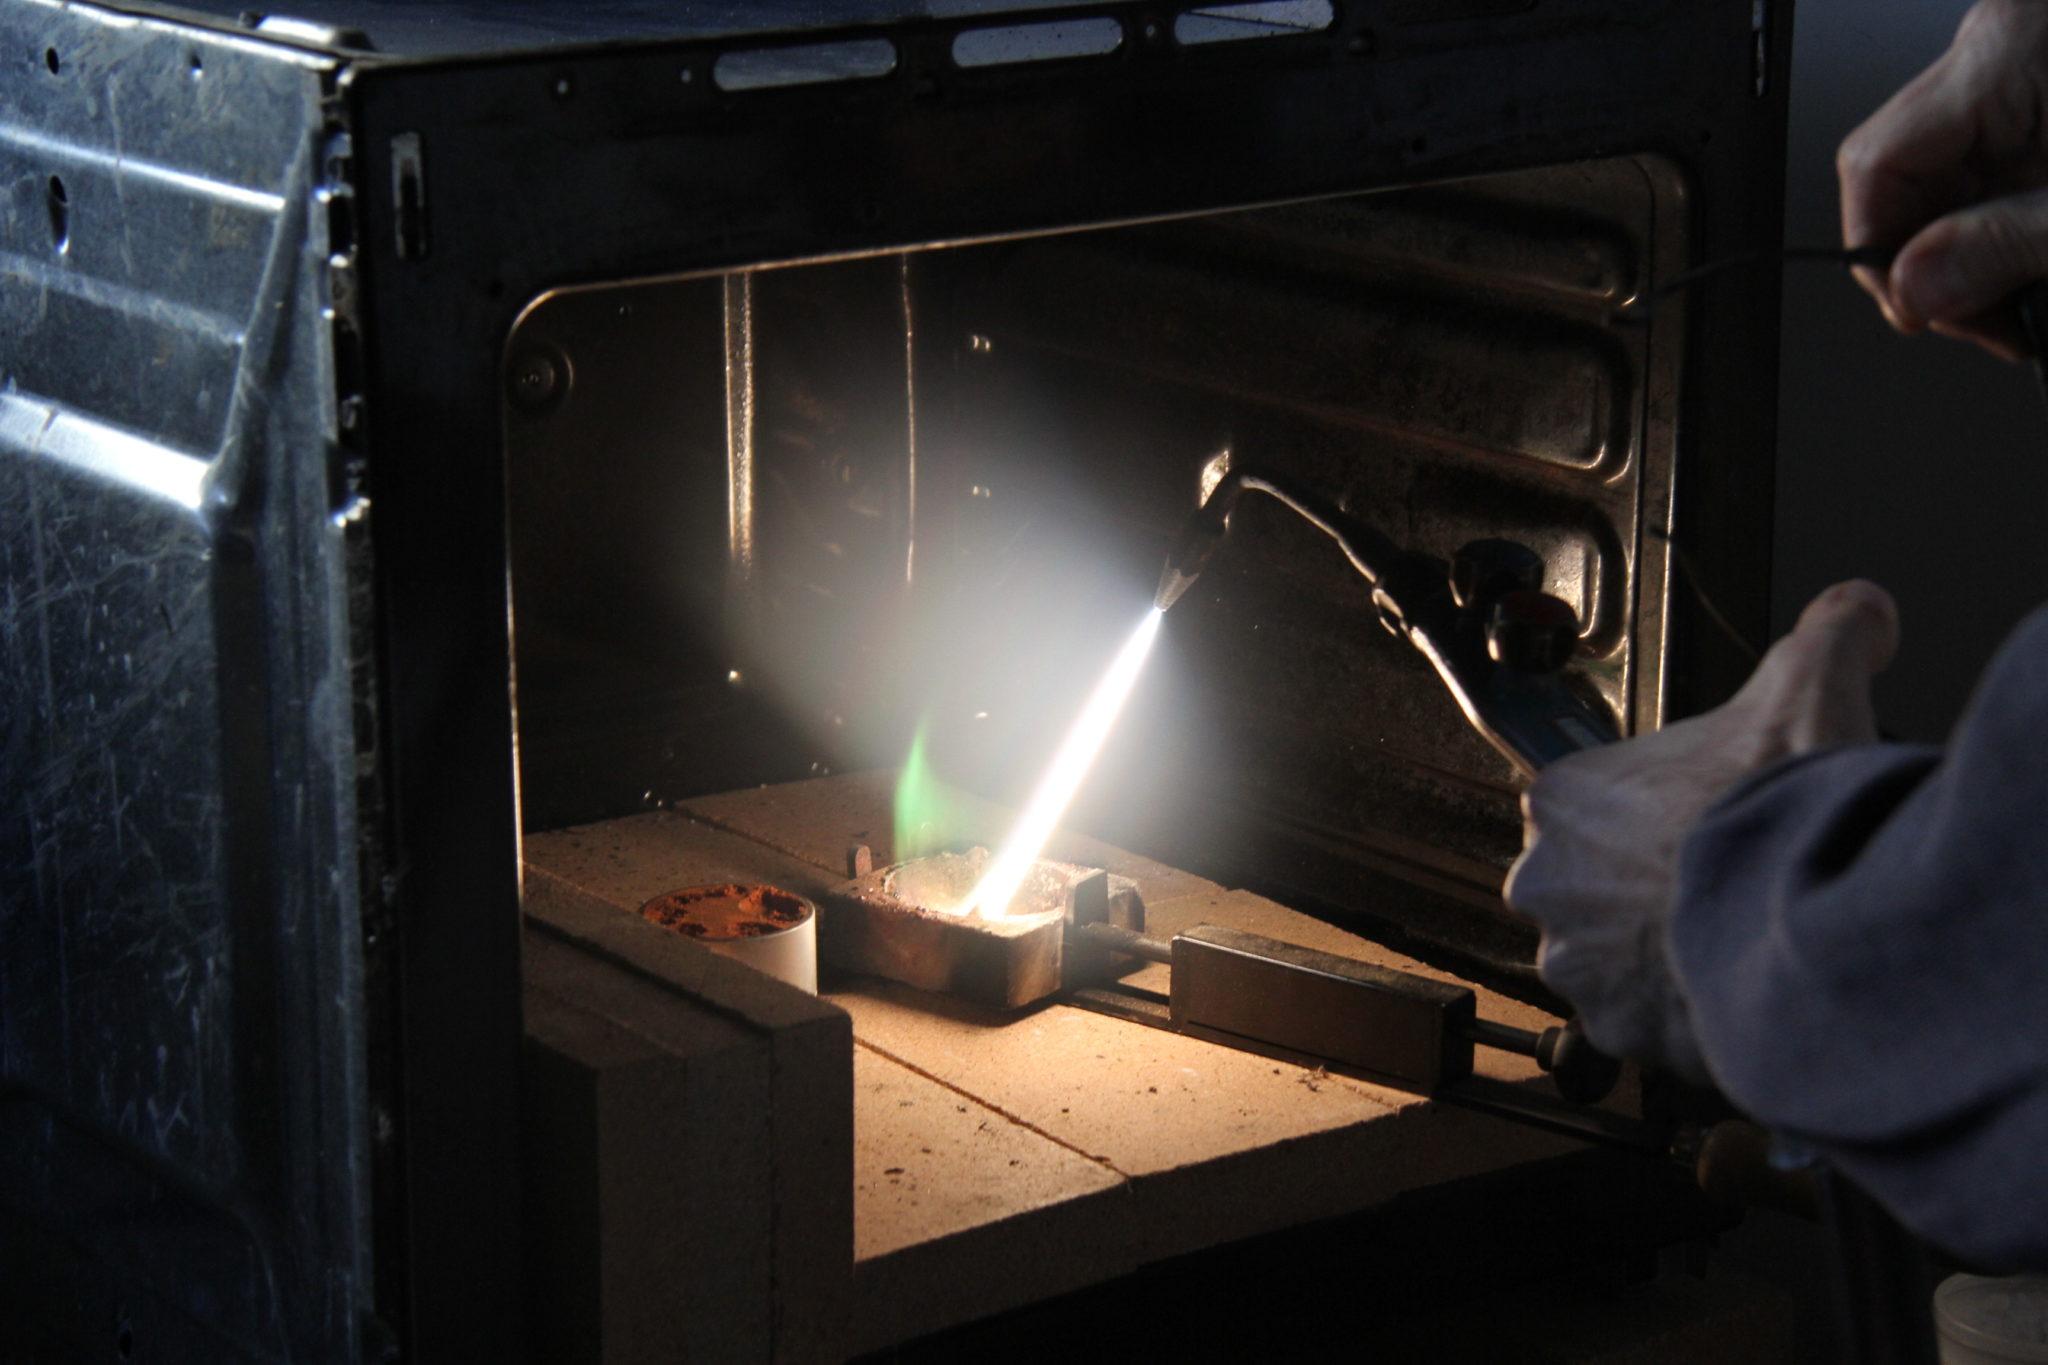 fusione artigianale a cannello ossiacetilenico